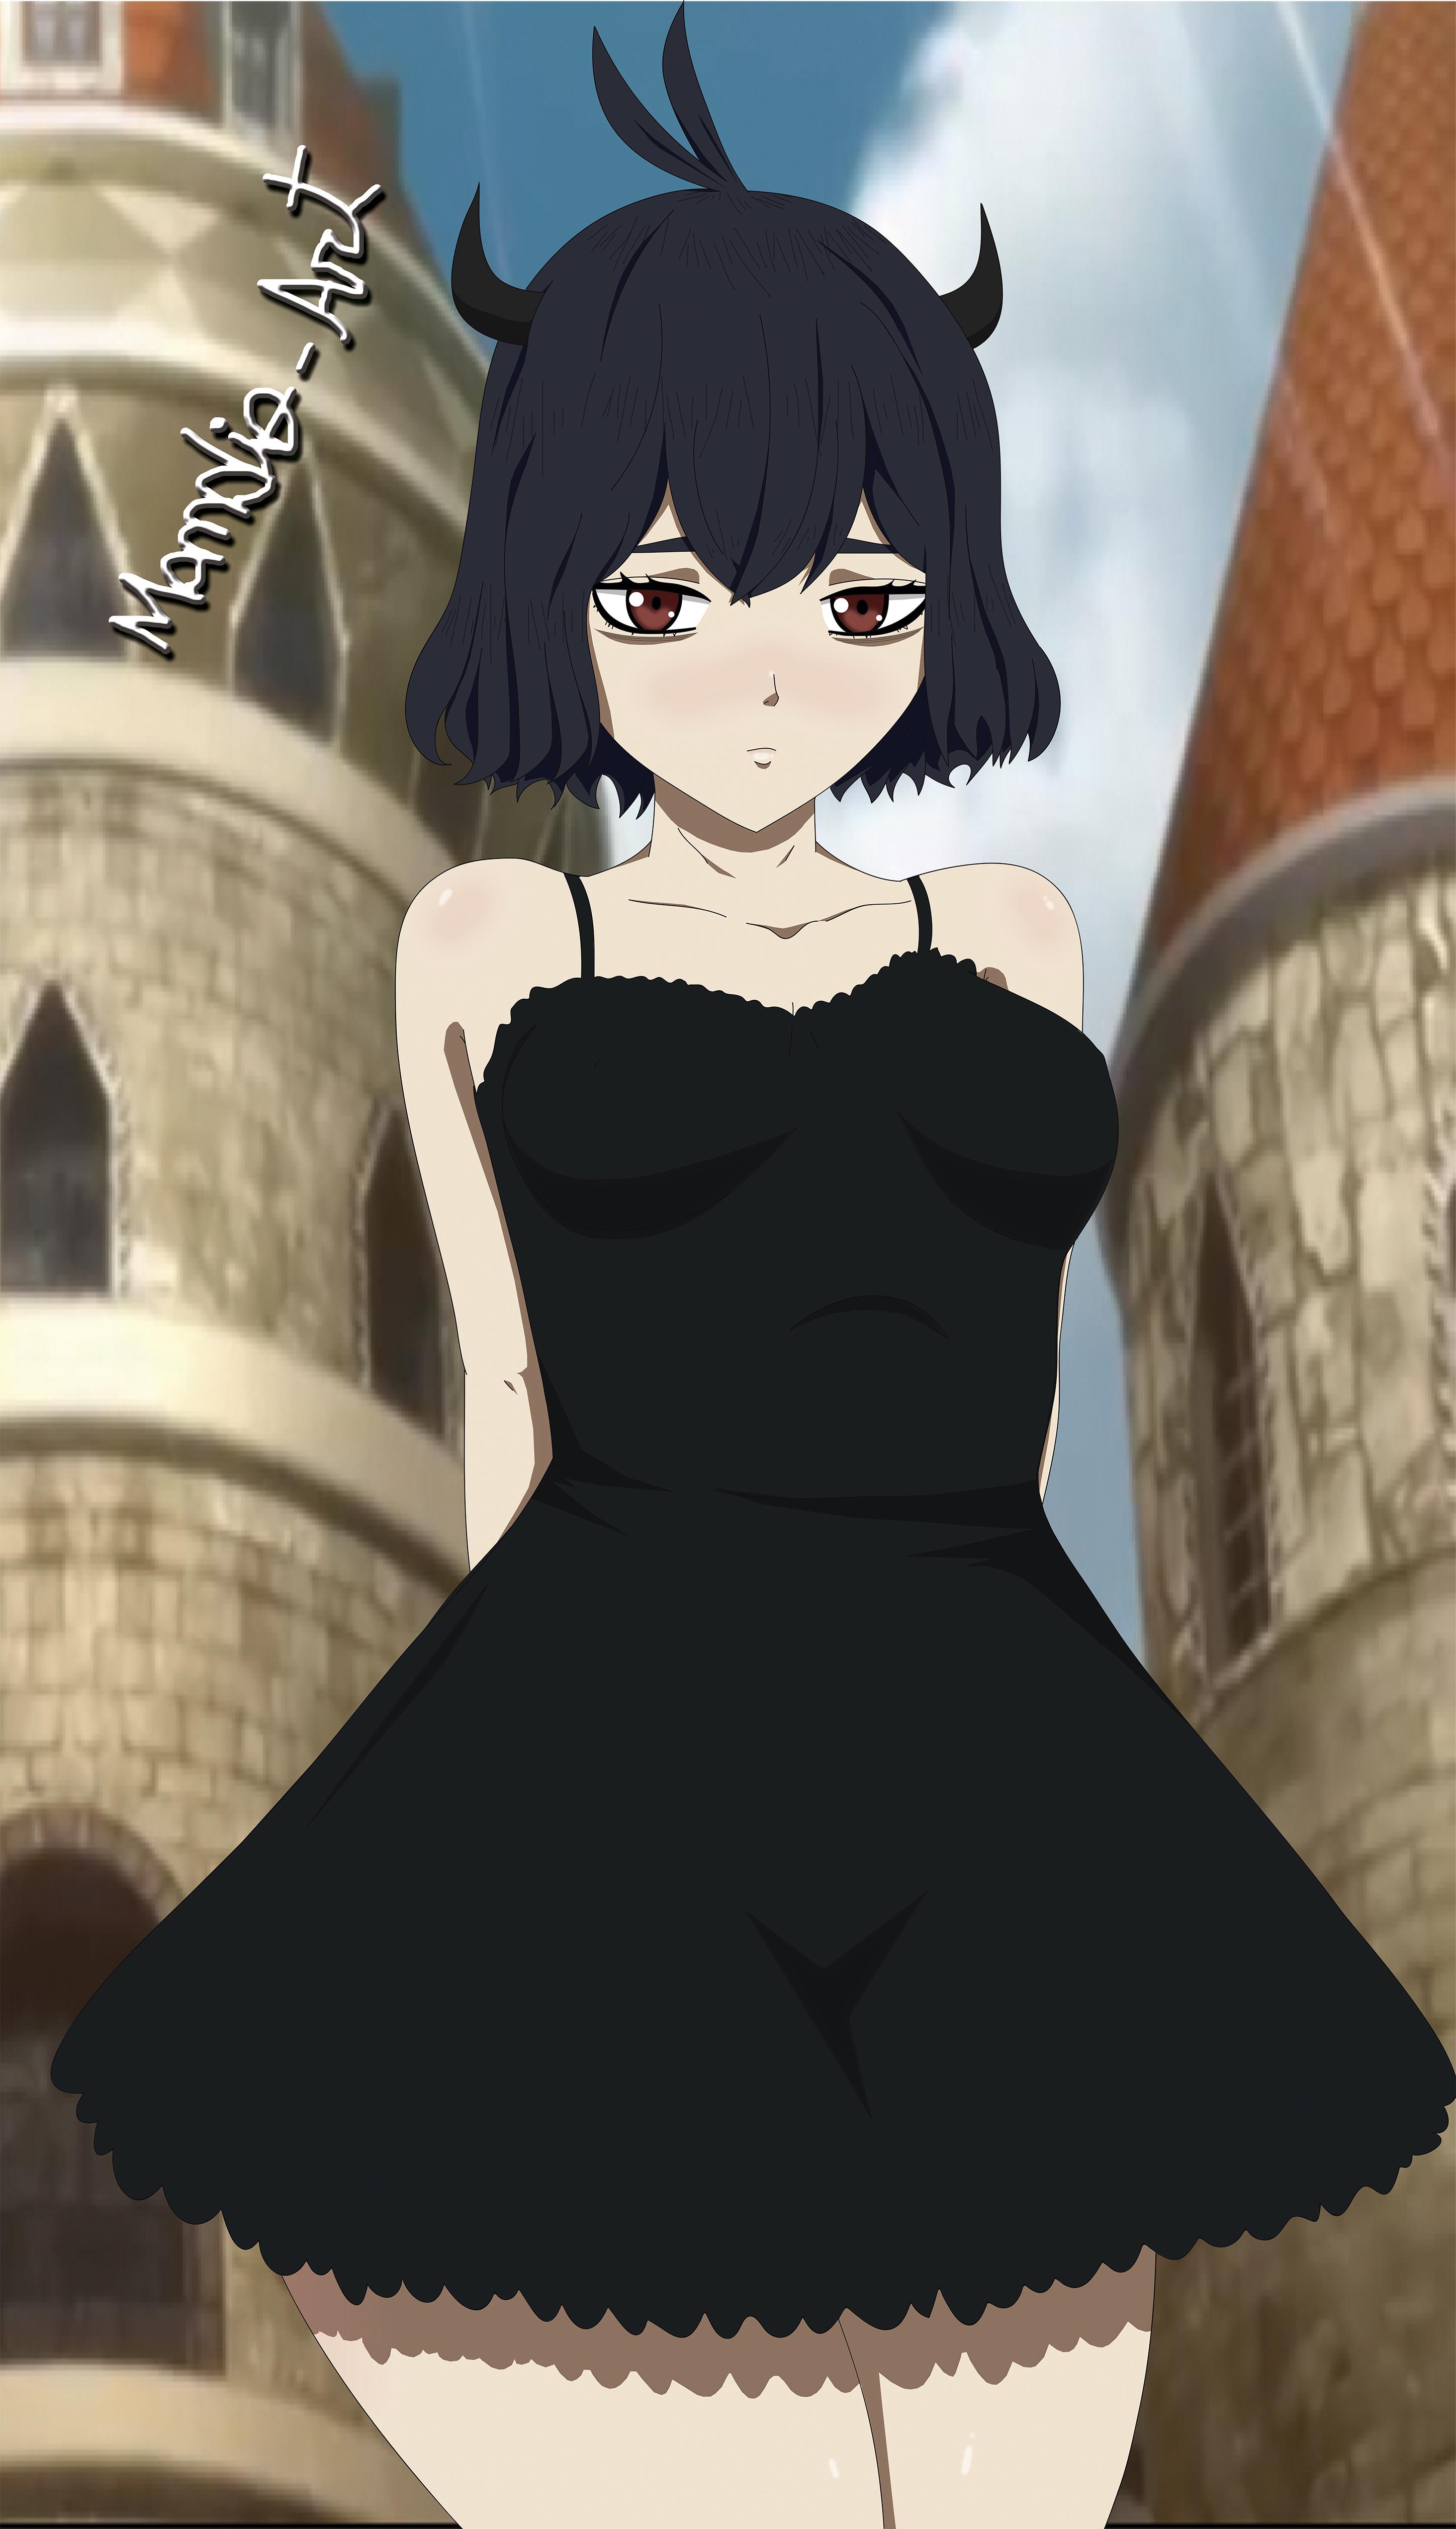 Secre (Nero) Black Clover